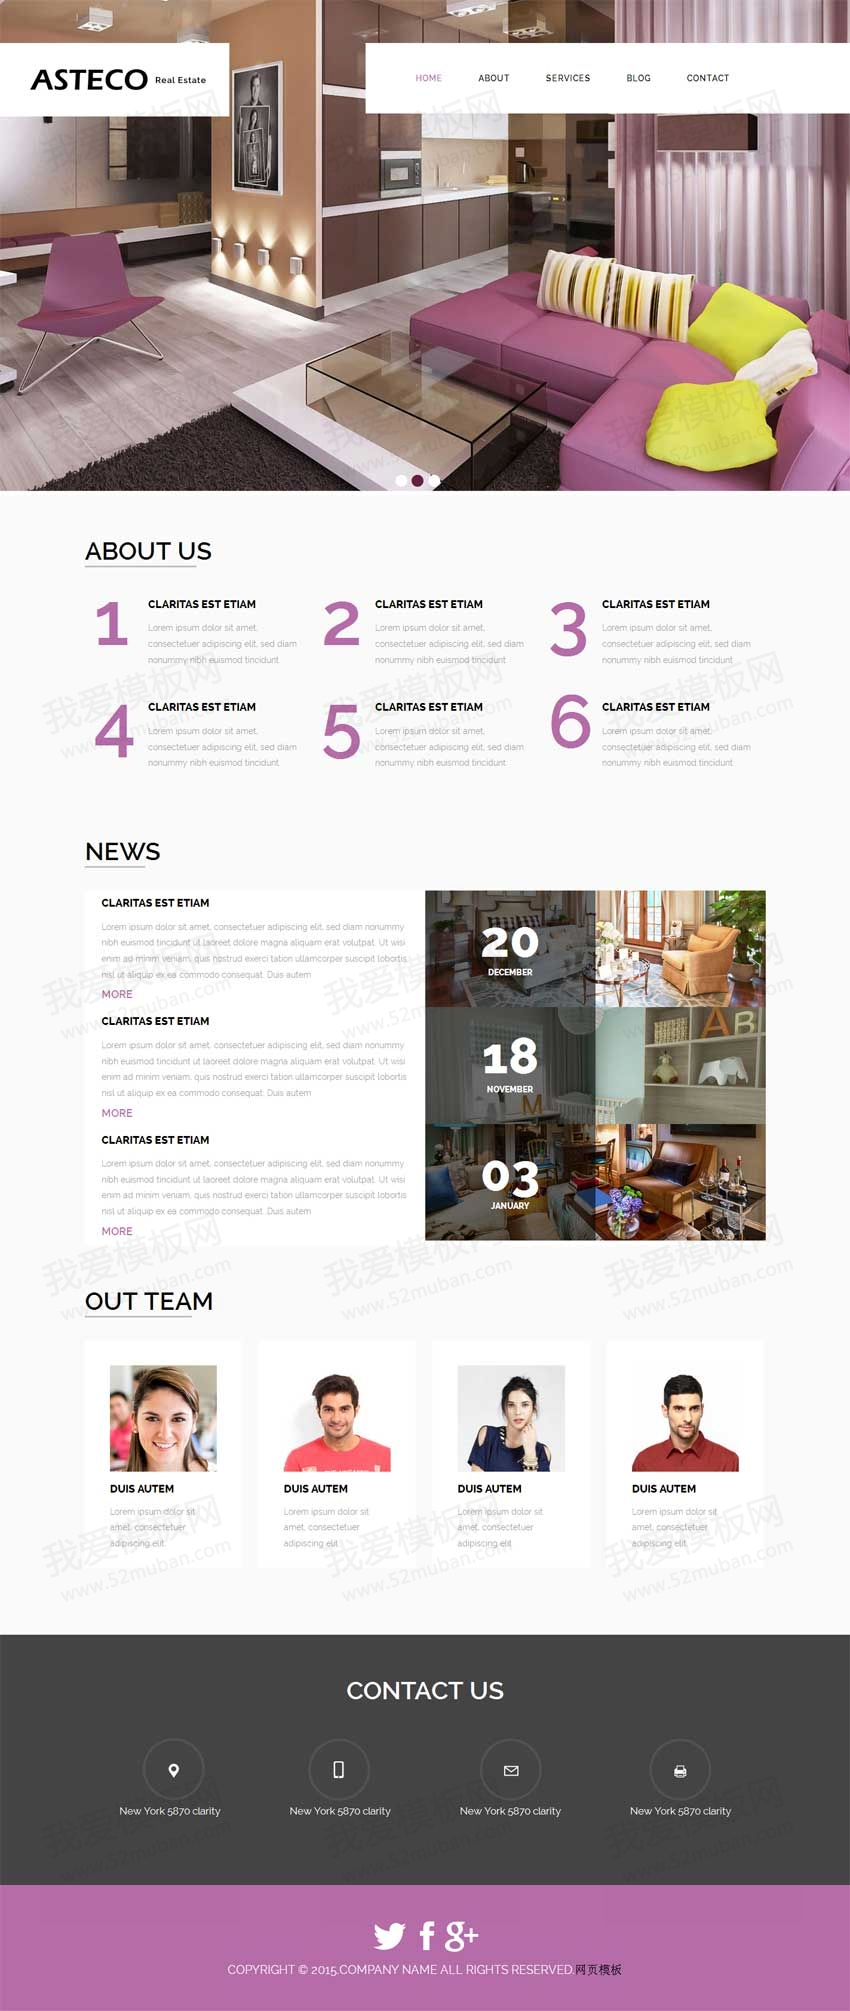 粉色宽屏的室内装修设计网站模板html整站下载